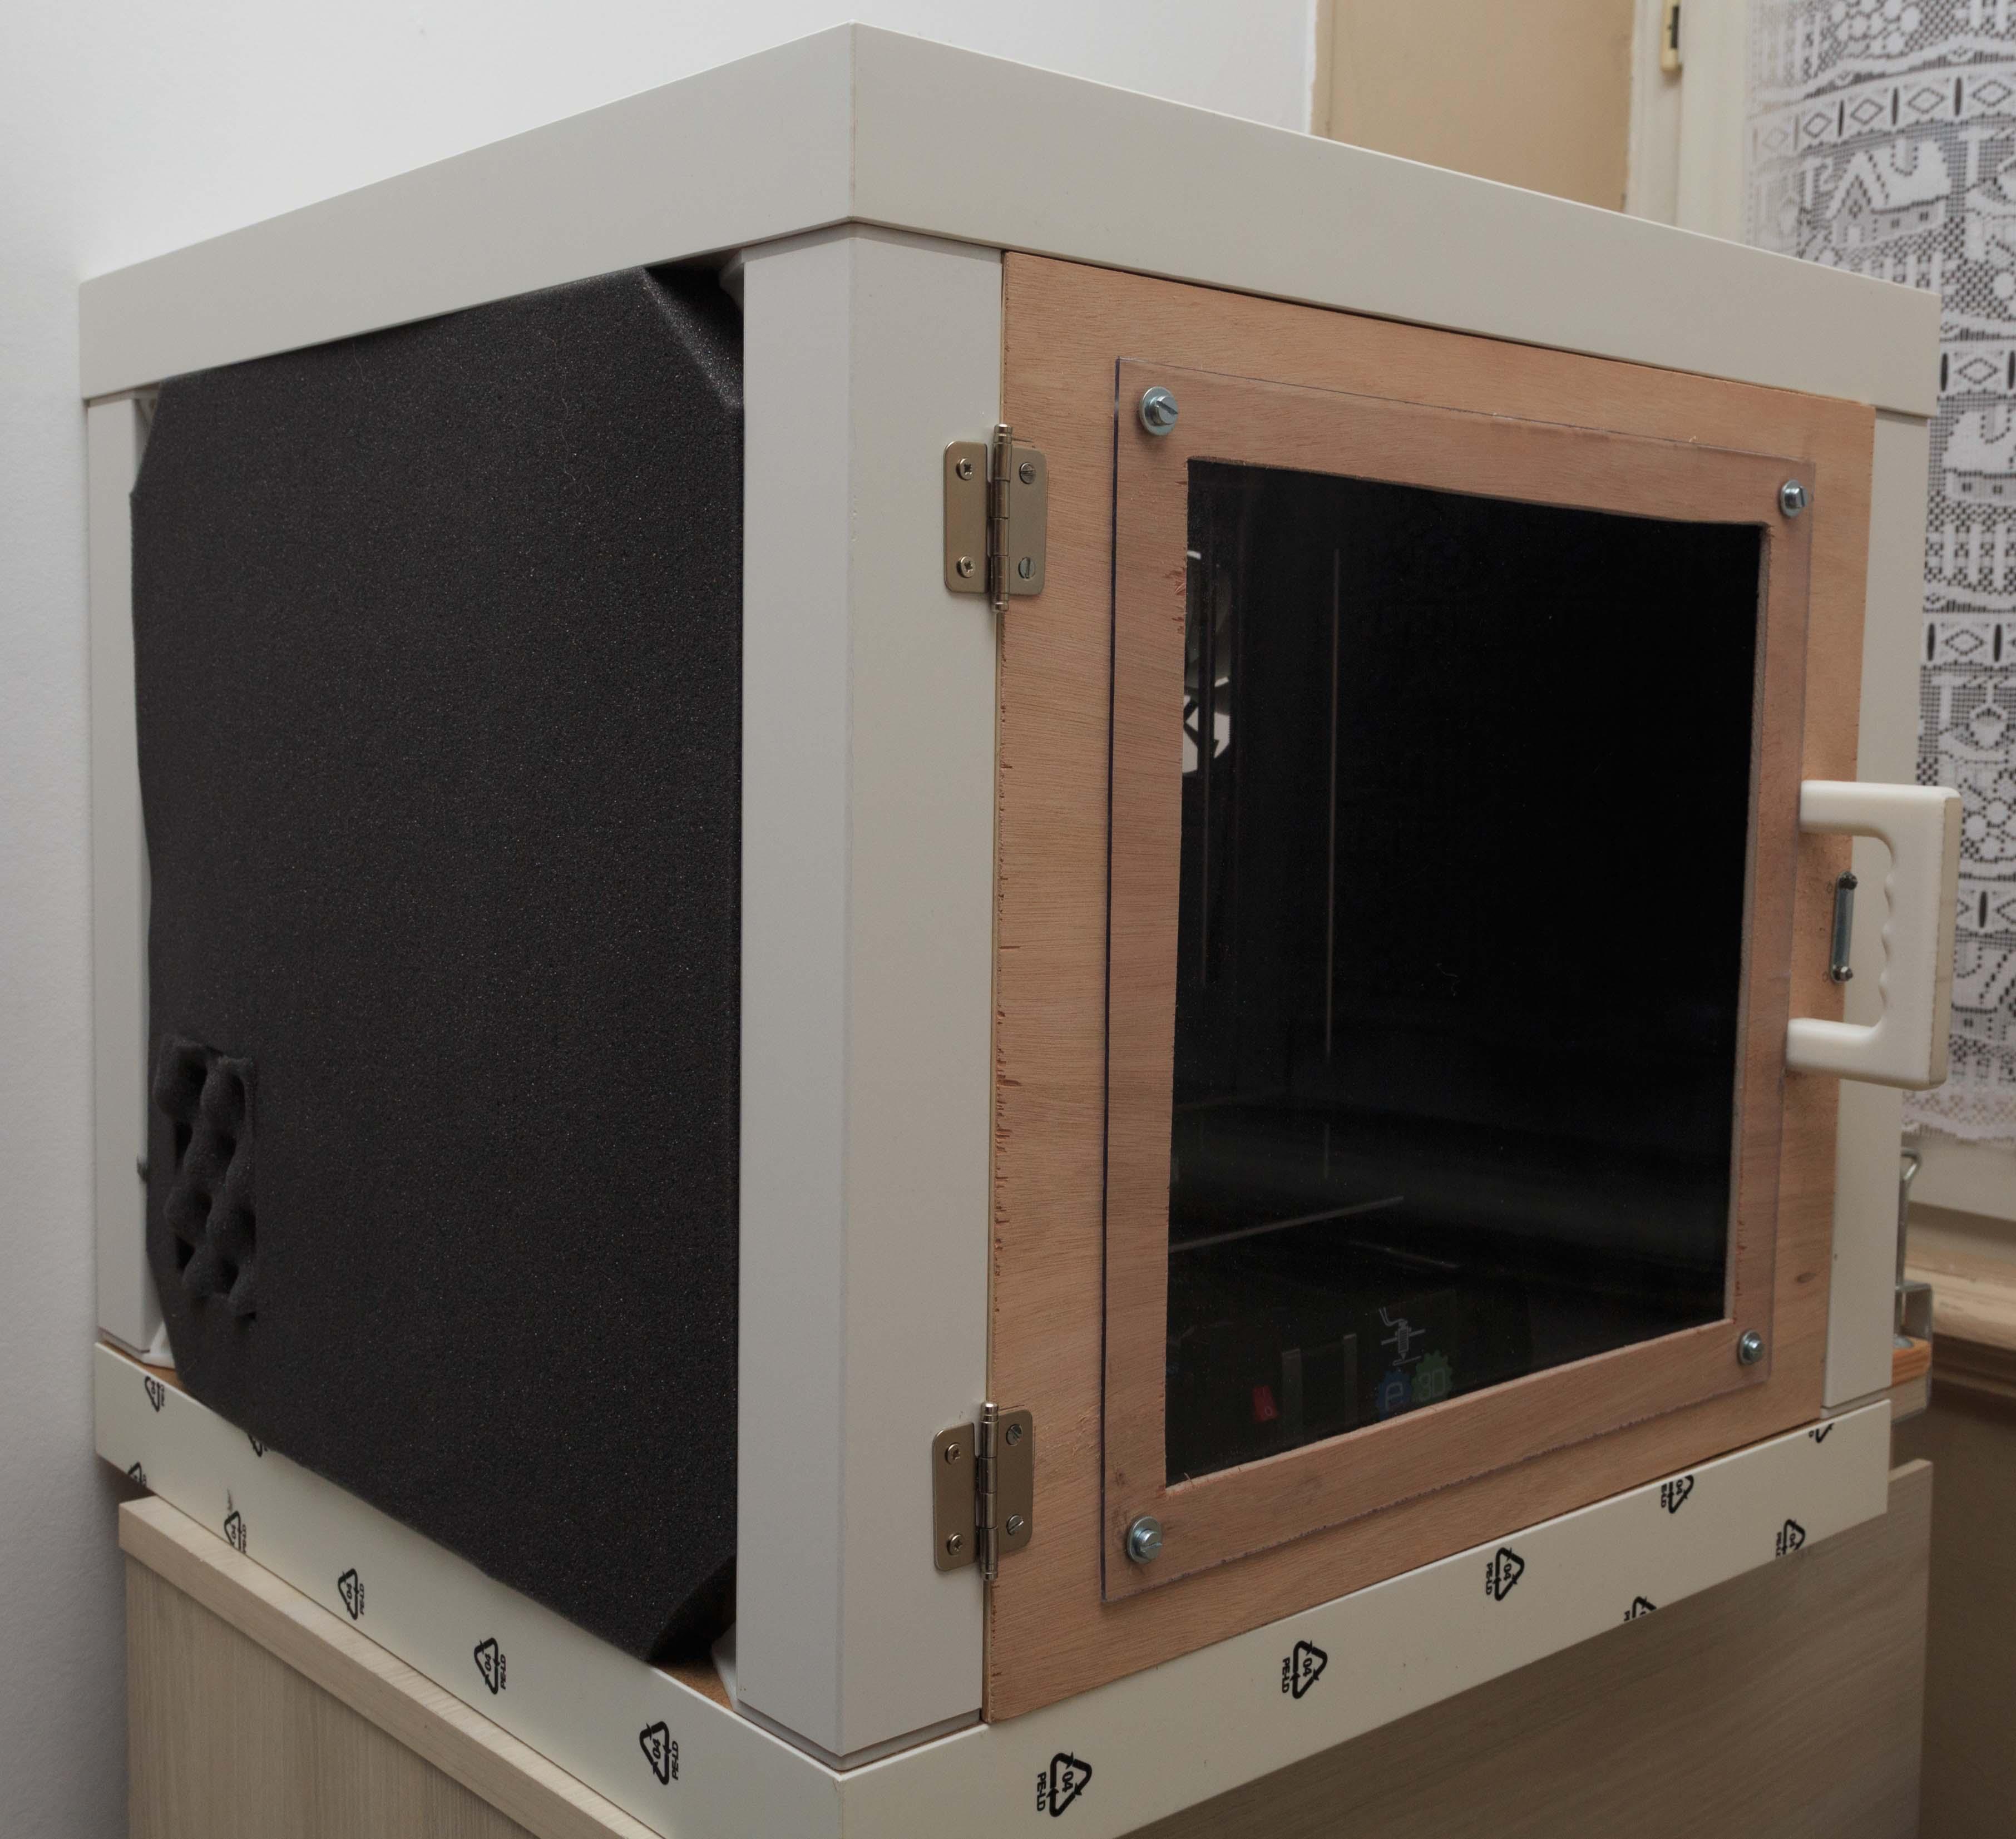 caisson d200 apache r page 6 dagoma forum pour les imprimantes 3d et l 39 impression 3d. Black Bedroom Furniture Sets. Home Design Ideas